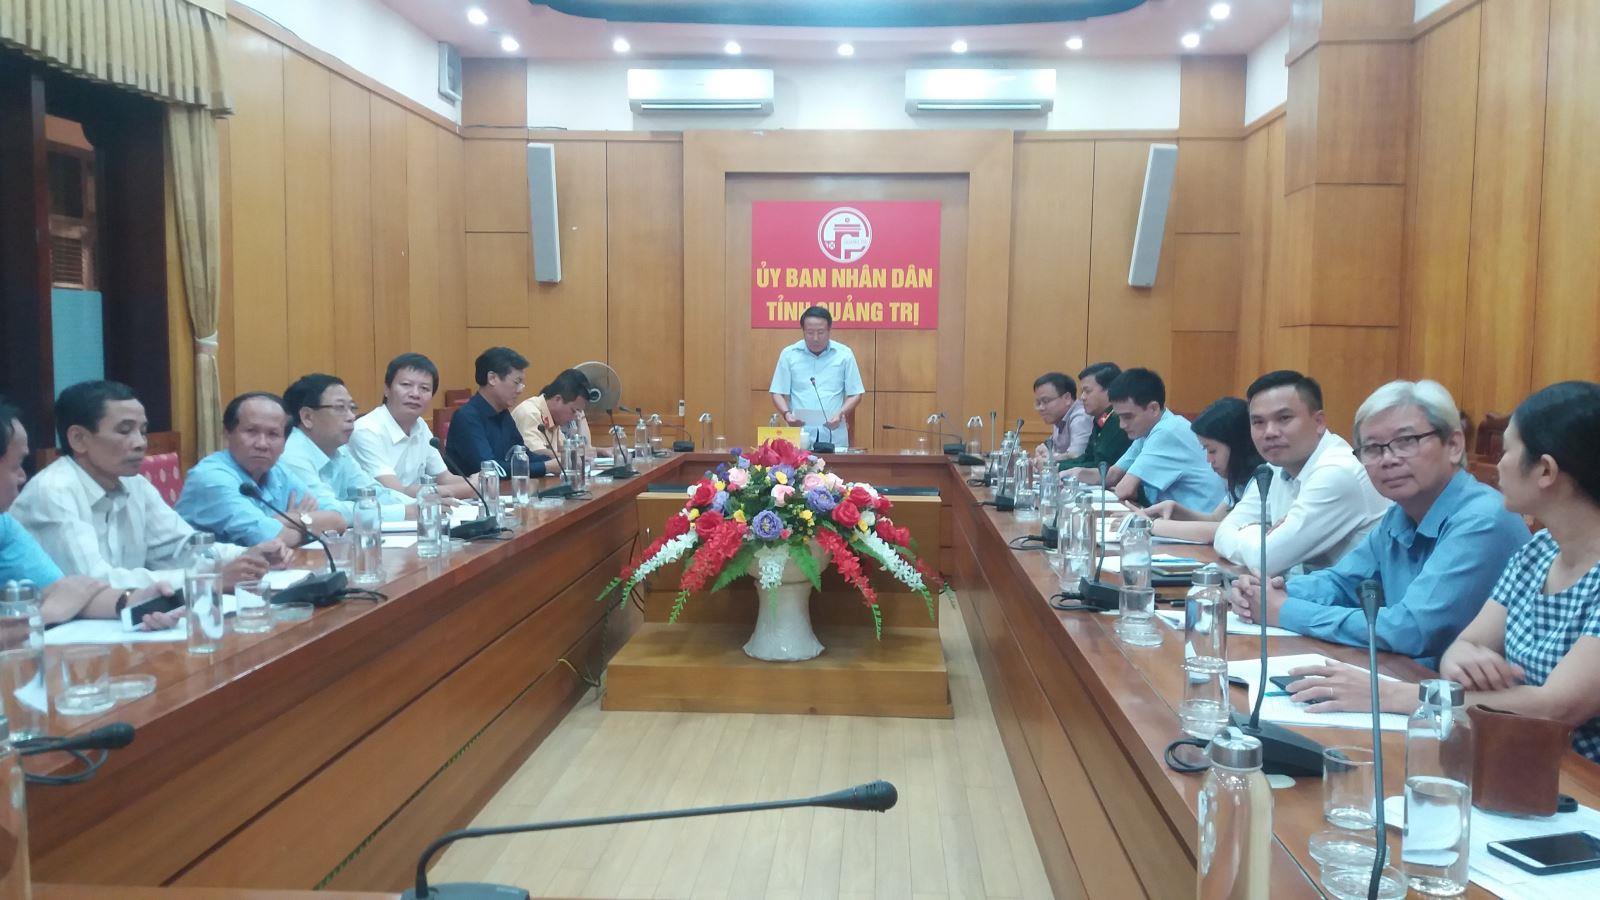 Hội nghị trực tuyến sơ kết công tác đảm bảo trật tự an toàn giao thông 9 tháng đầu năm 2019